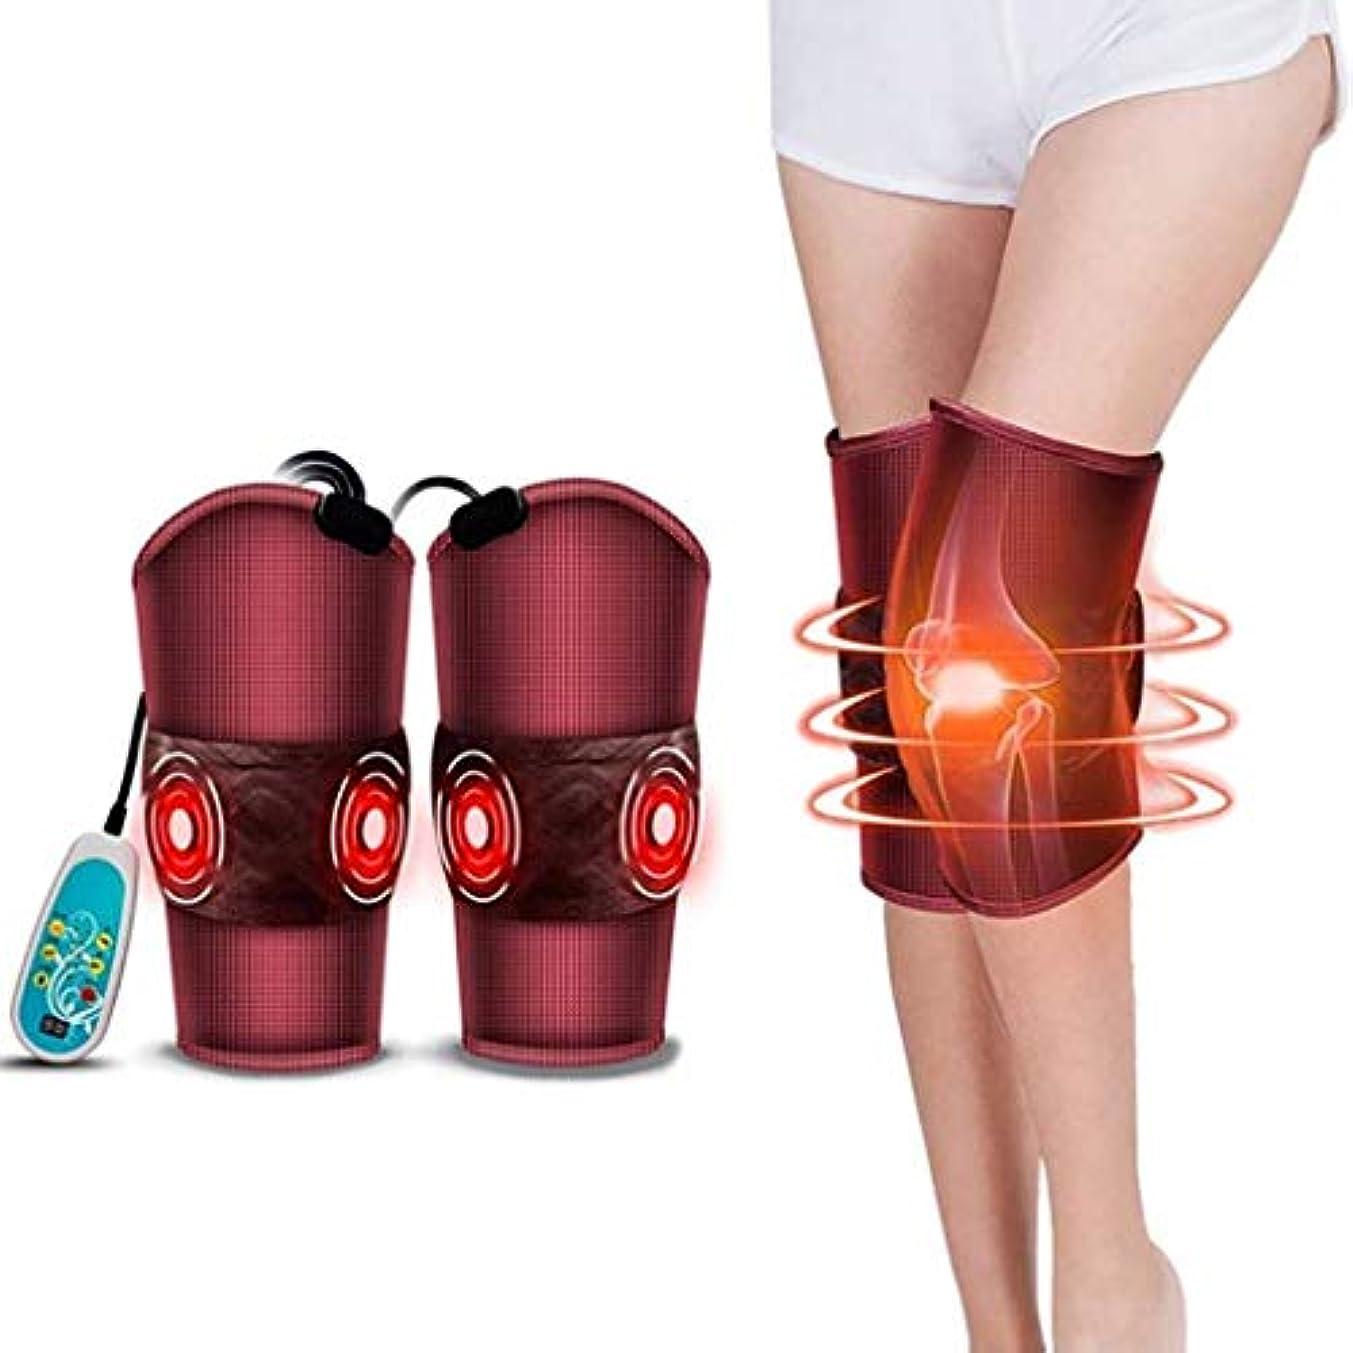 器具法的比べる電気マッサージ器、膝温/膝振動加熱マッサージ器、ウエスト/脚/膝の痛みを和らげる